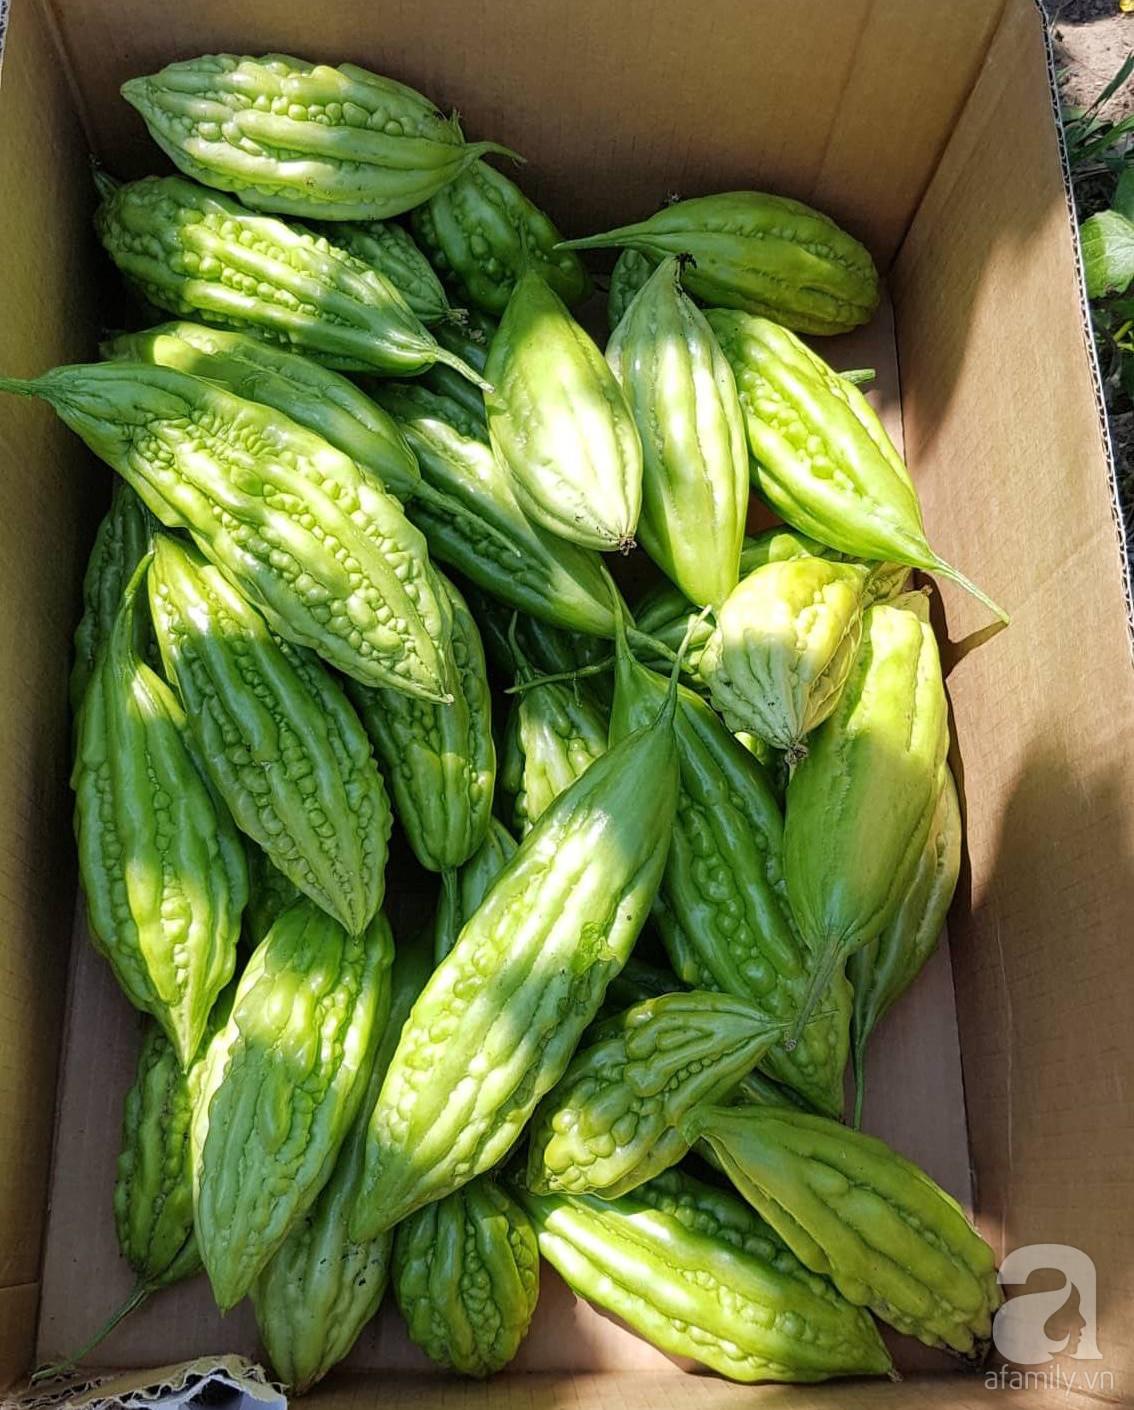 Choáng ngợp trước vườn rau sạch rộng 600m² với đủ rau trái Việt của bà mẹ trẻ ở nước ngoài - Ảnh 10.